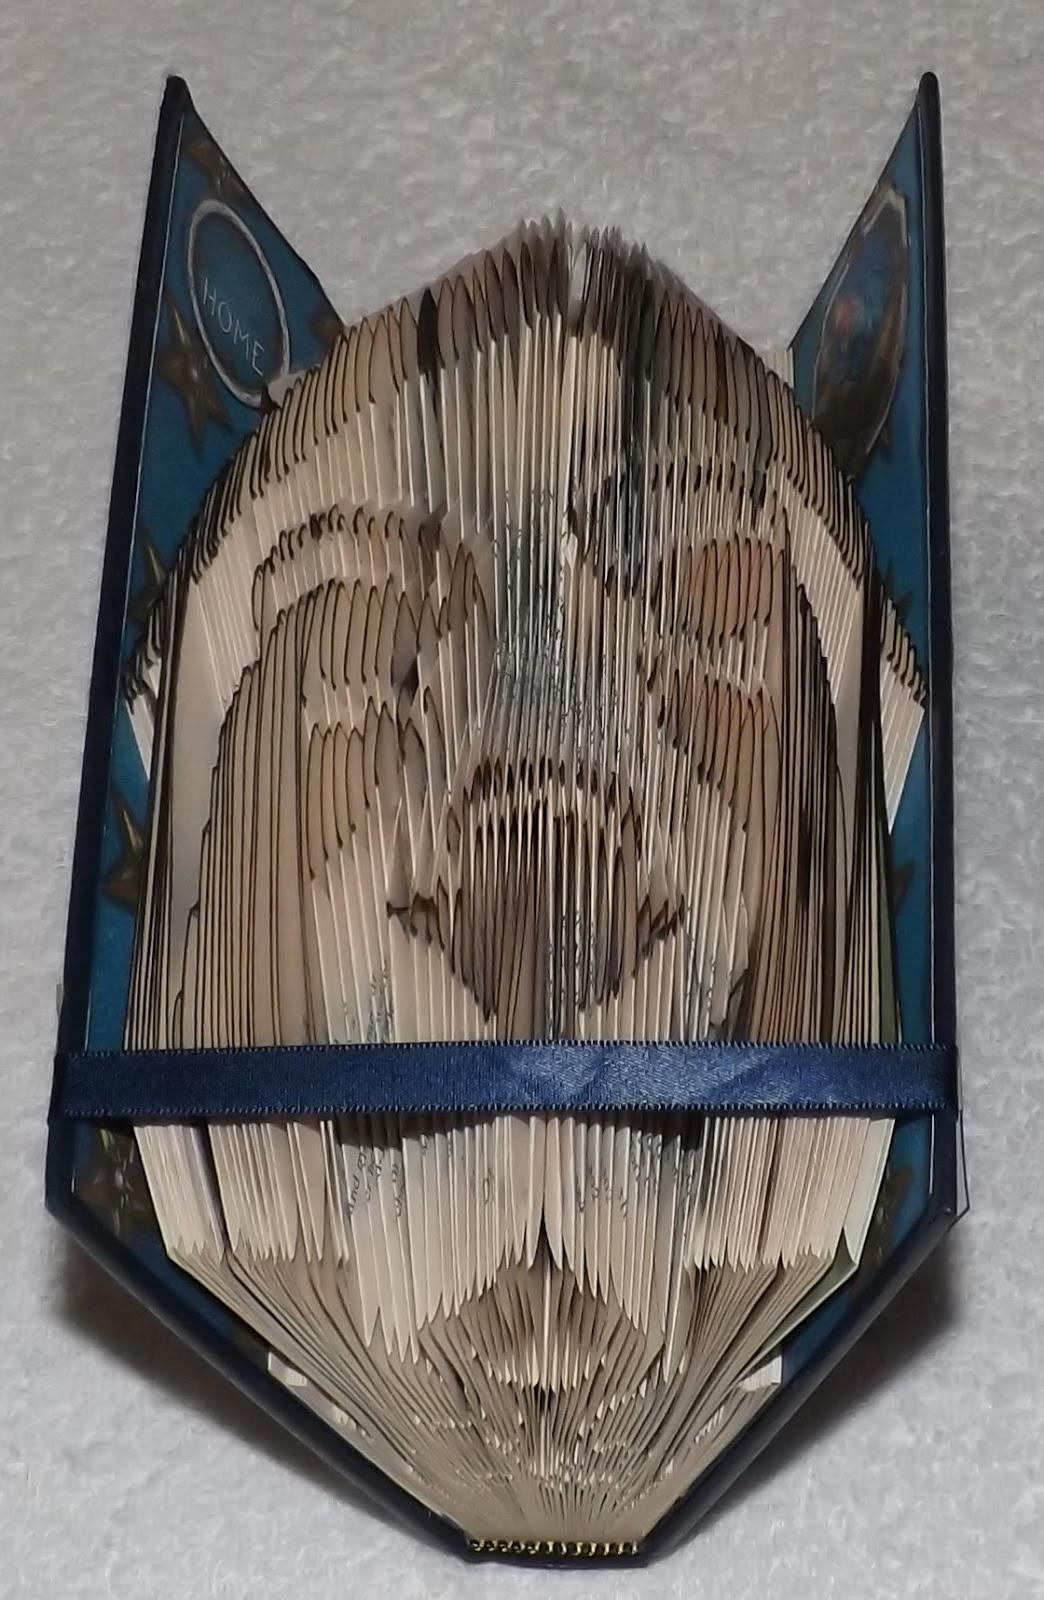 Kym S Crafty Cards Nativity Bookfolding Project